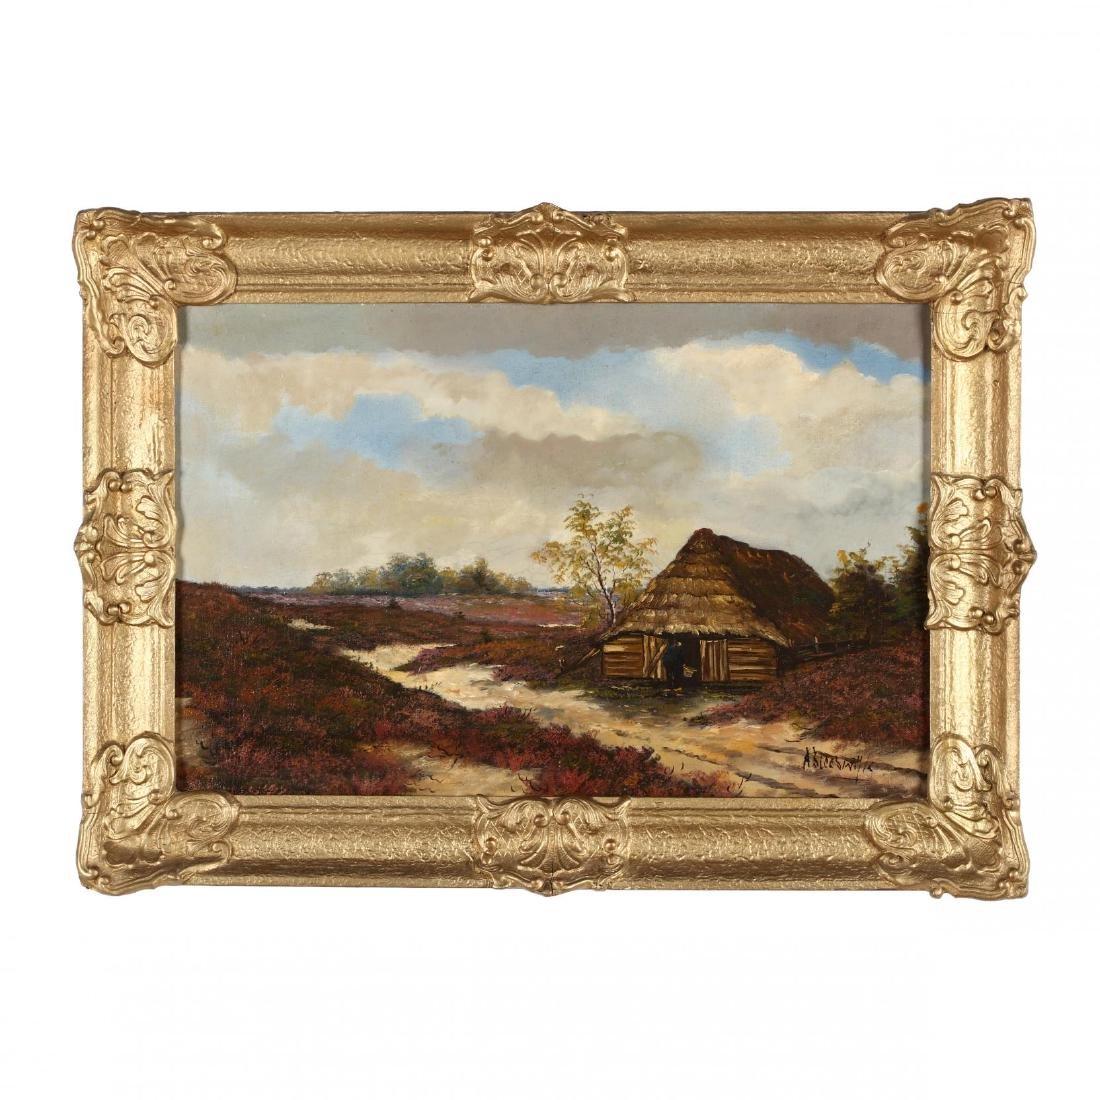 Alexander Cornelis Sleeswijk (Dutch, 1870-1945),